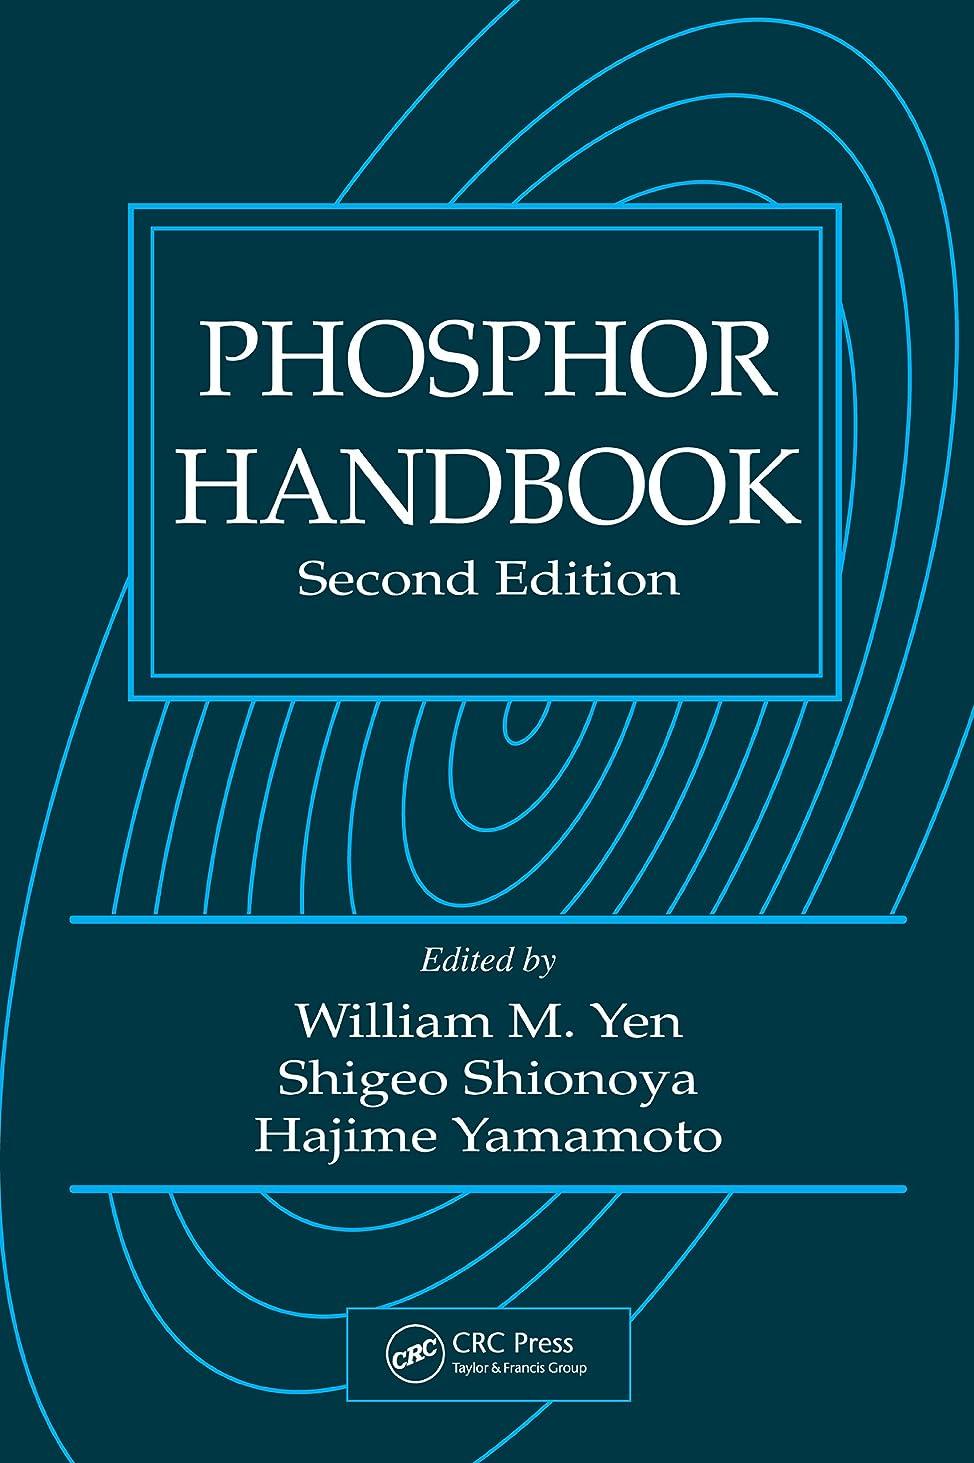 宿泊夫現実Phosphor Handbook (Laser and Optical Science and Technology) (English Edition)